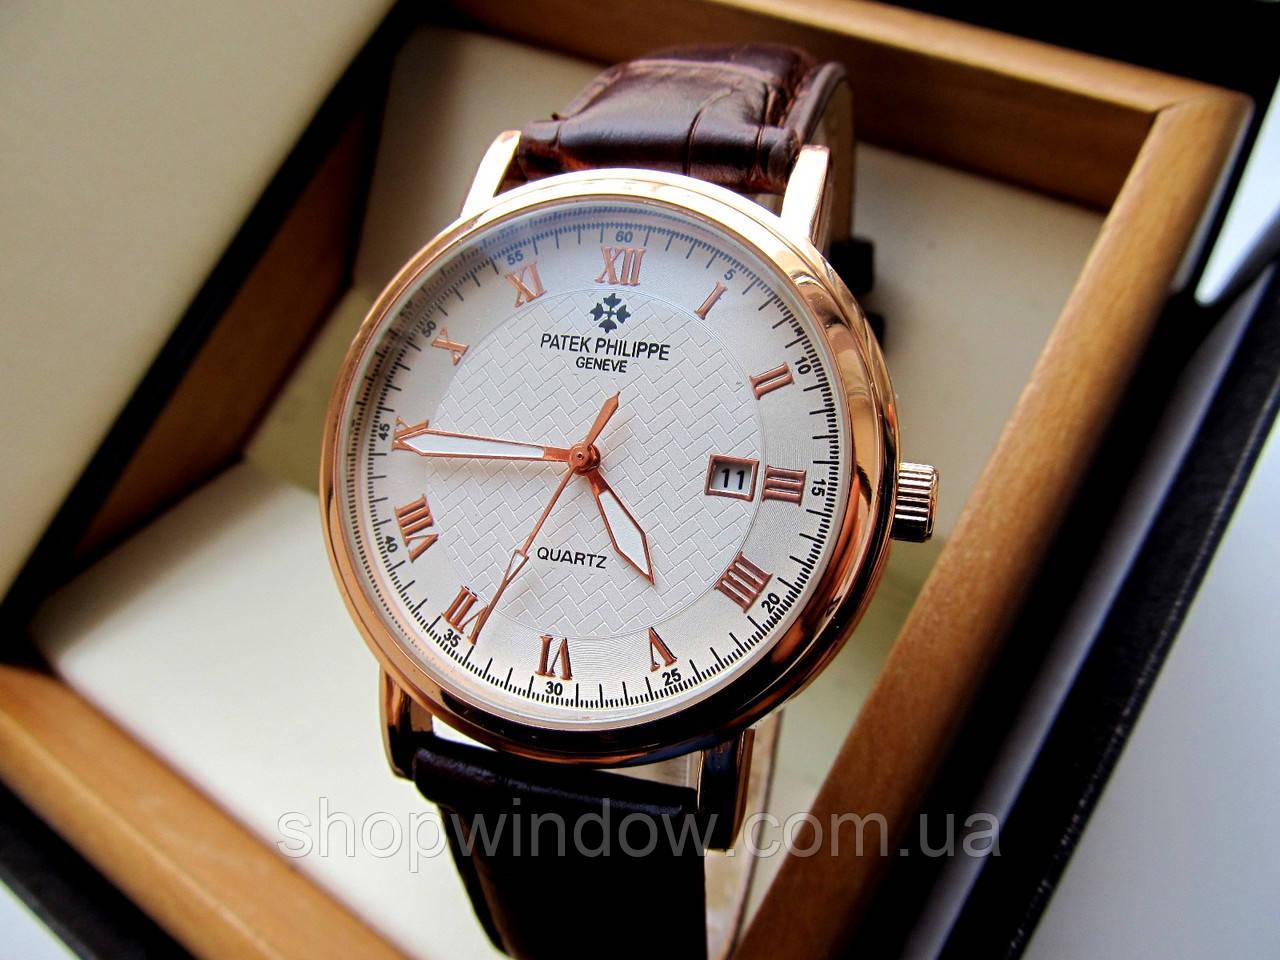 духи выбраны patek philippe часы интернет магазин знаете, как выбрать